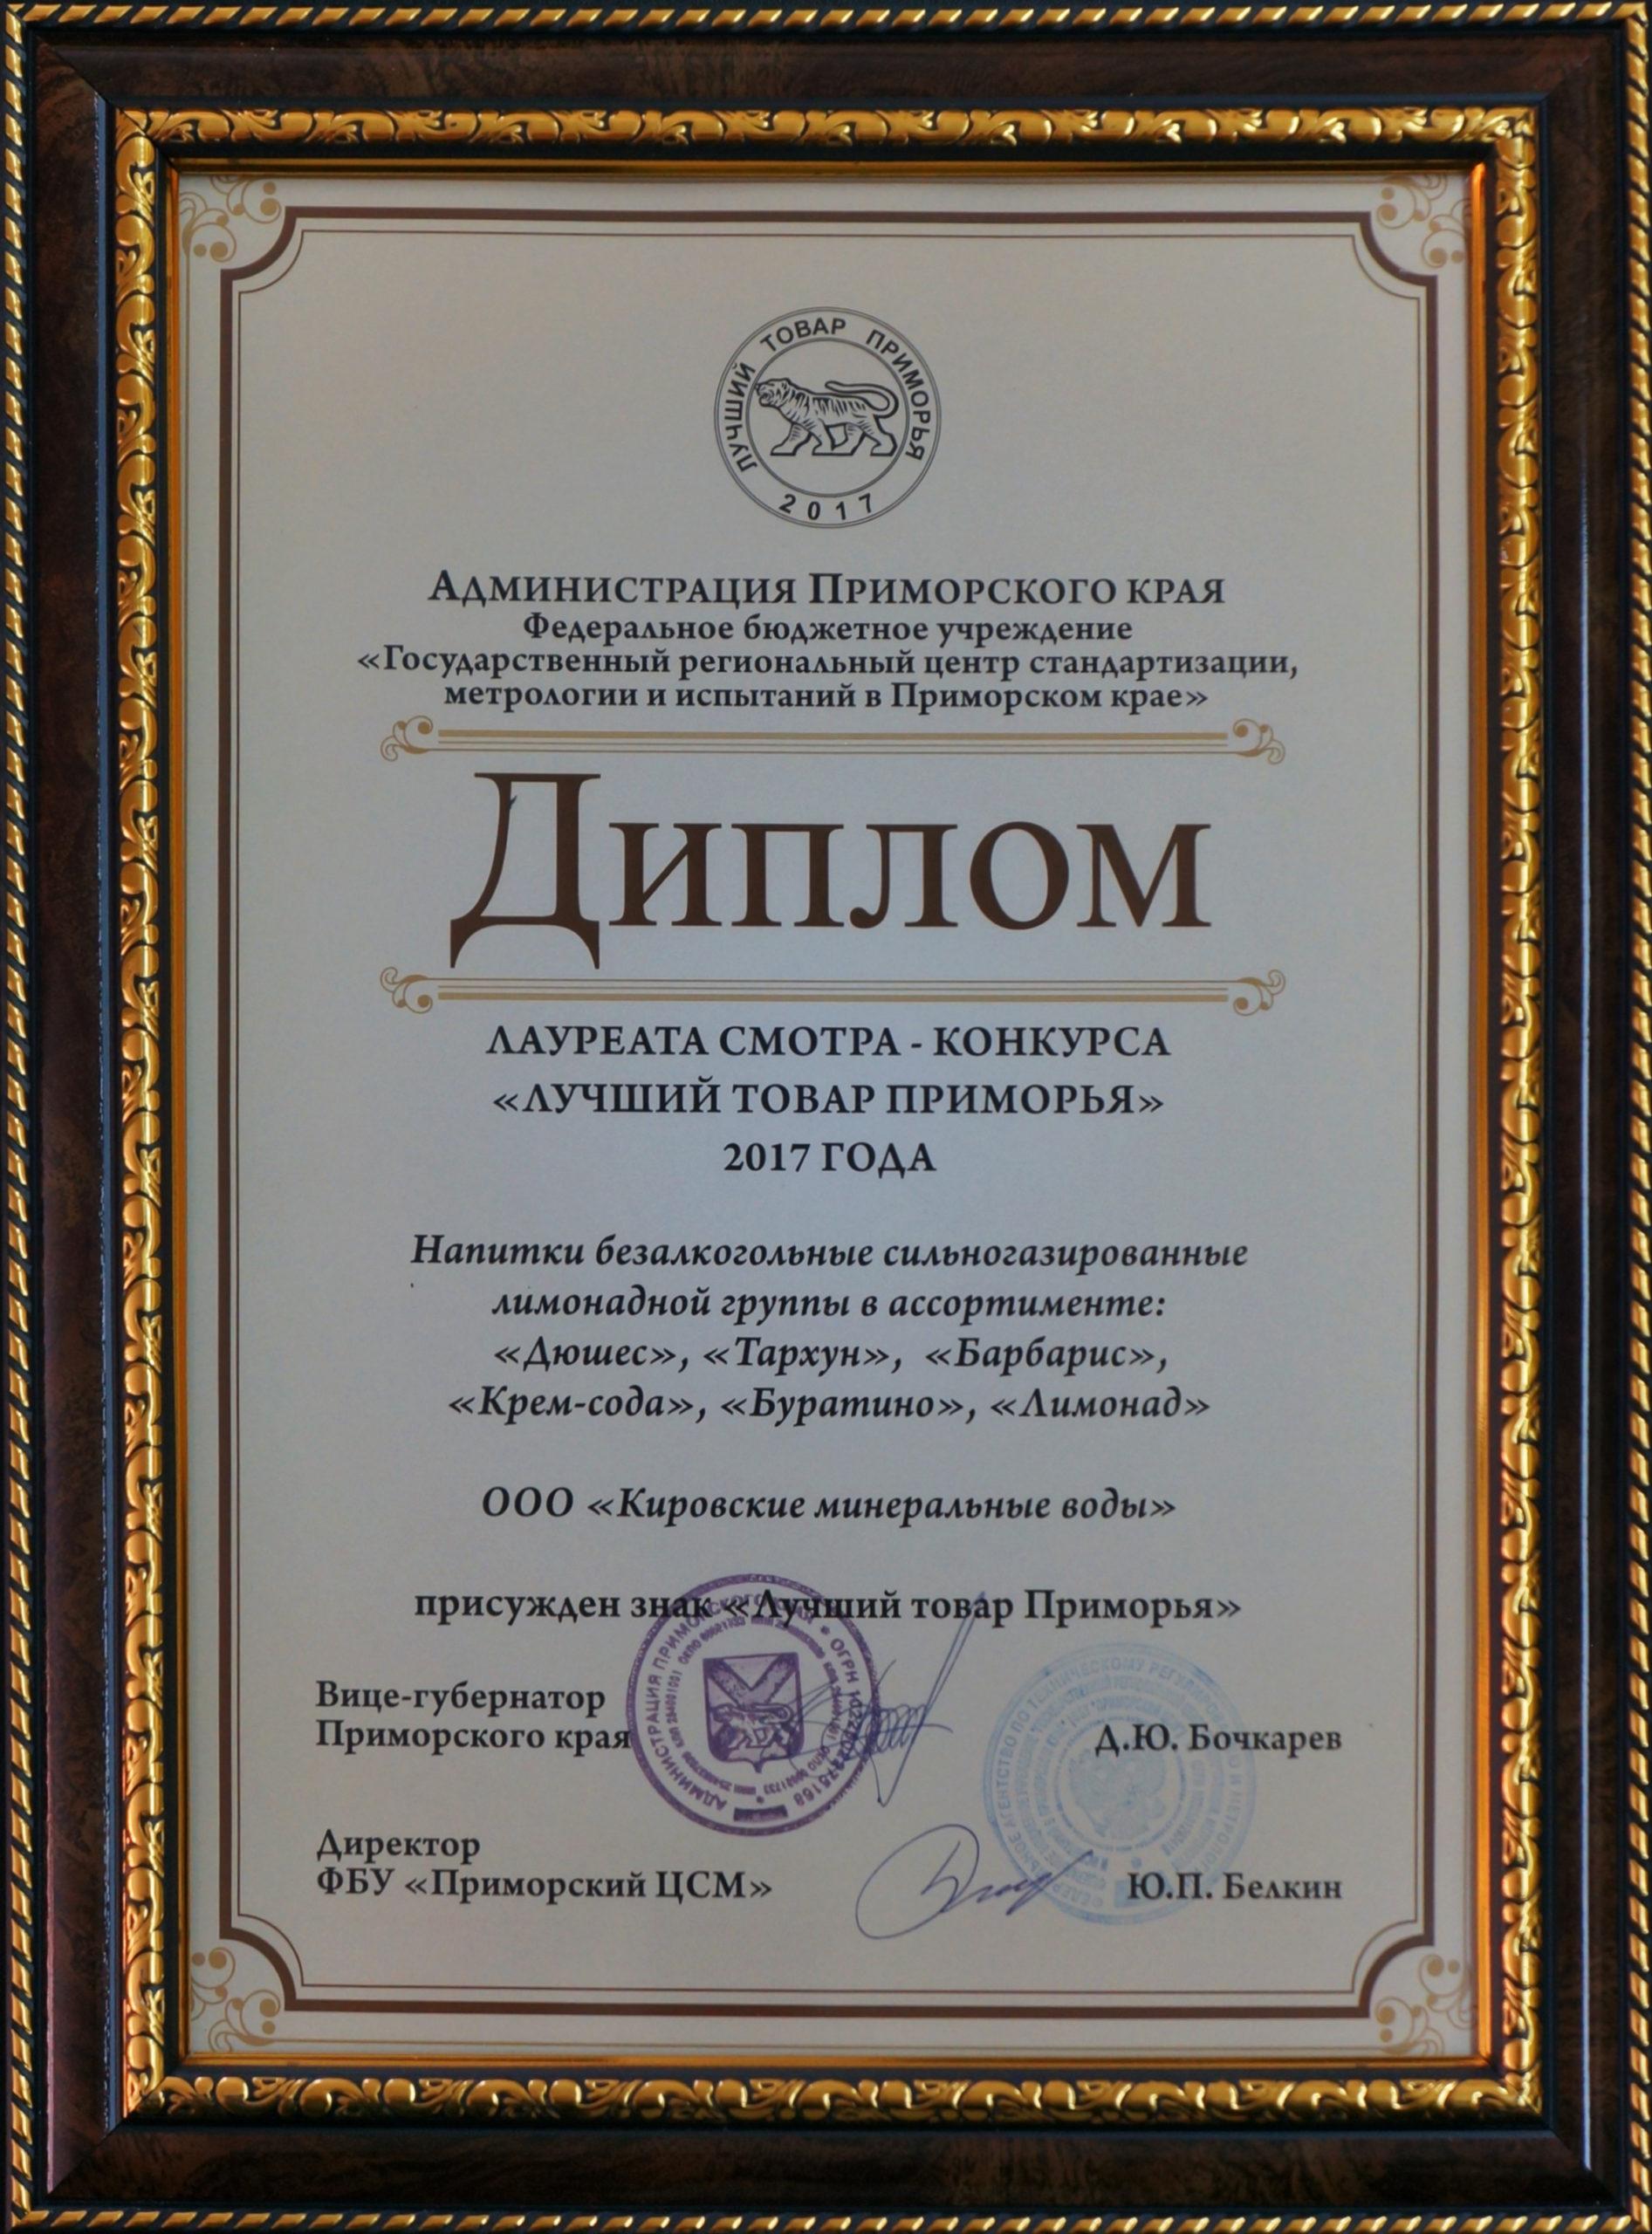 슈마코프스키 레모네이드는'프리모리의 최고의 상품 2017' 수상자